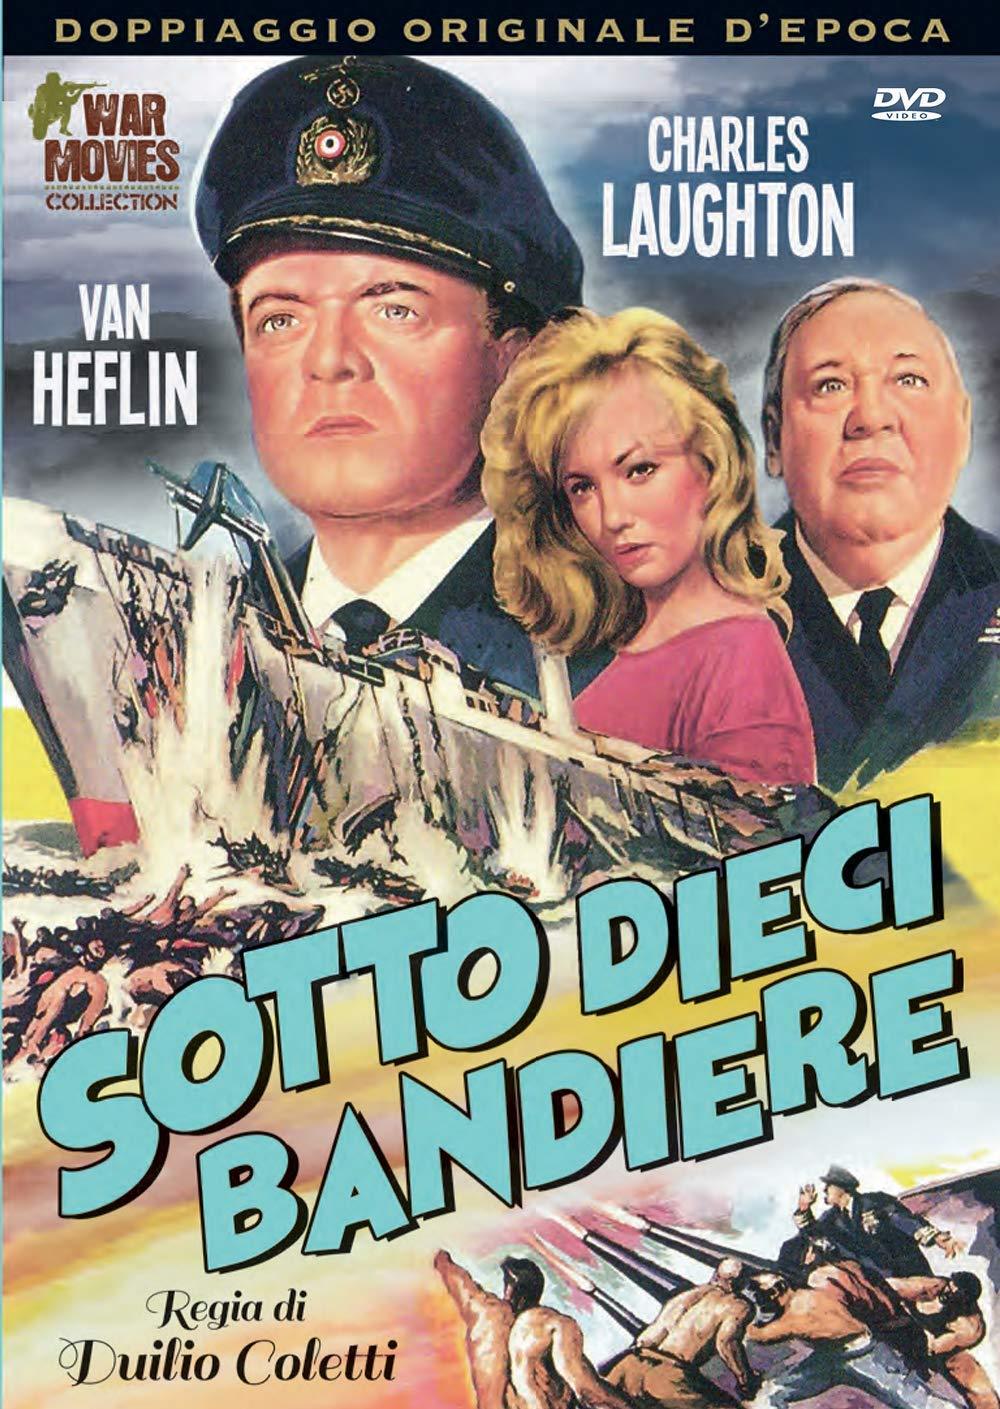 SOTTO DIECI BANDIERE (DVD)